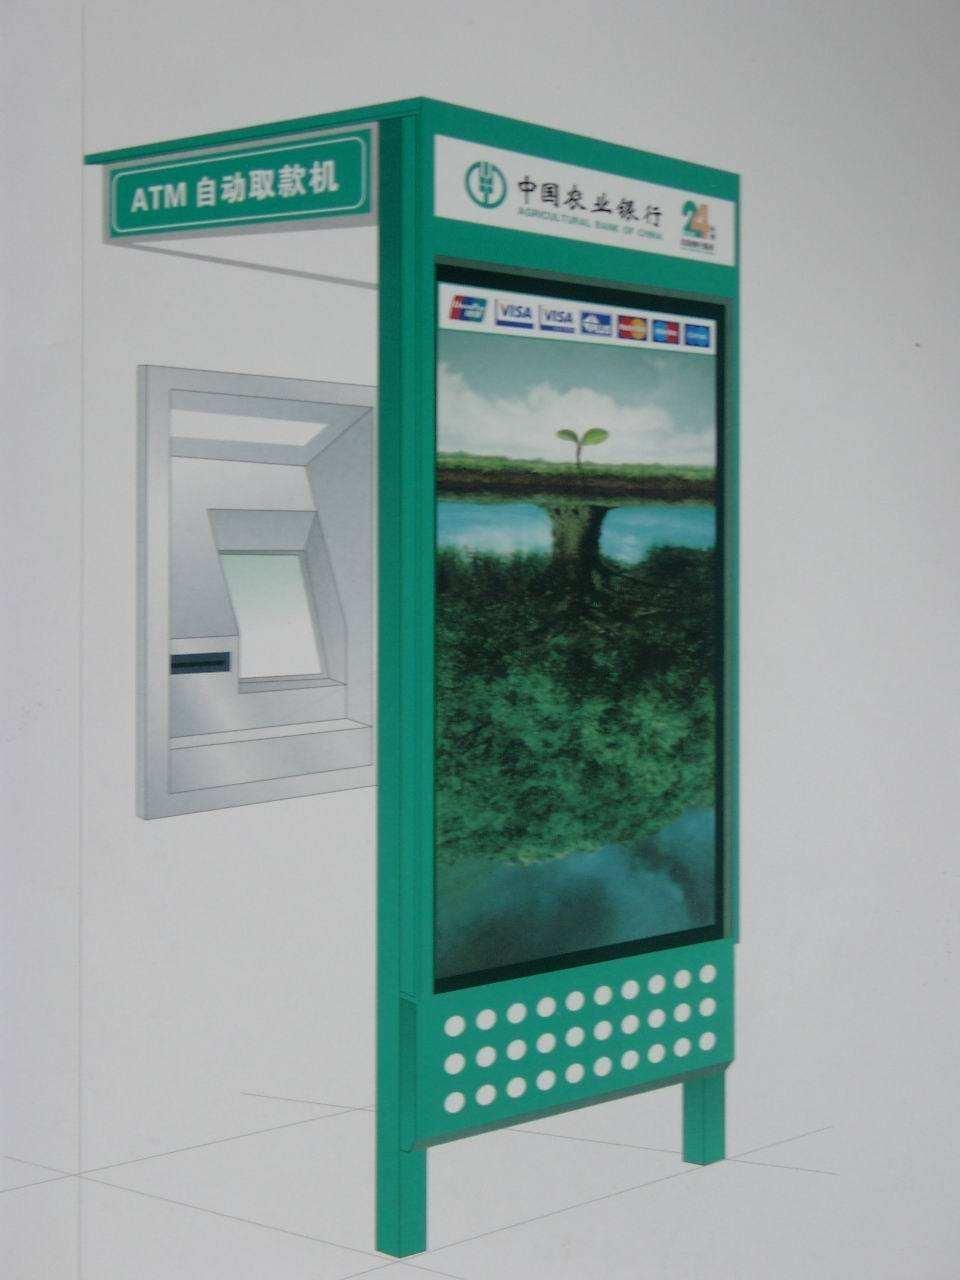 宣武ATM防护罩库存充足